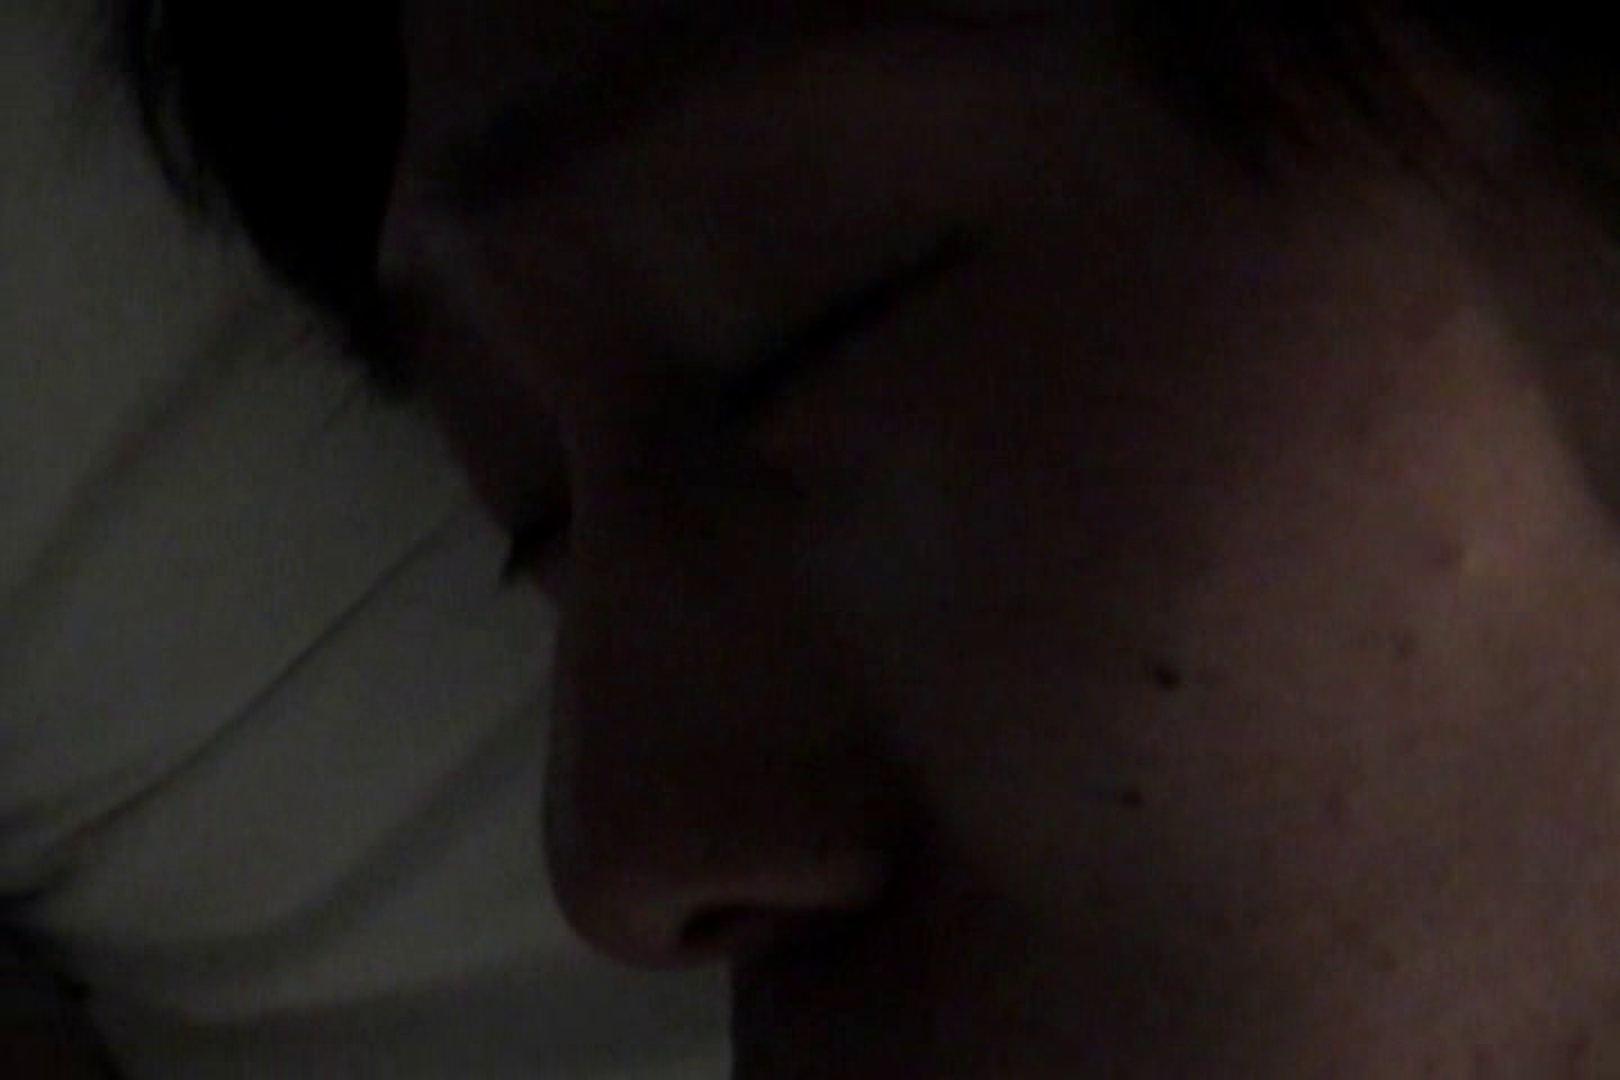 三ツ星シリーズ 魅惑のMemorial Night!! vol.03 投稿 | 三ツ星シリーズ  87枚 49